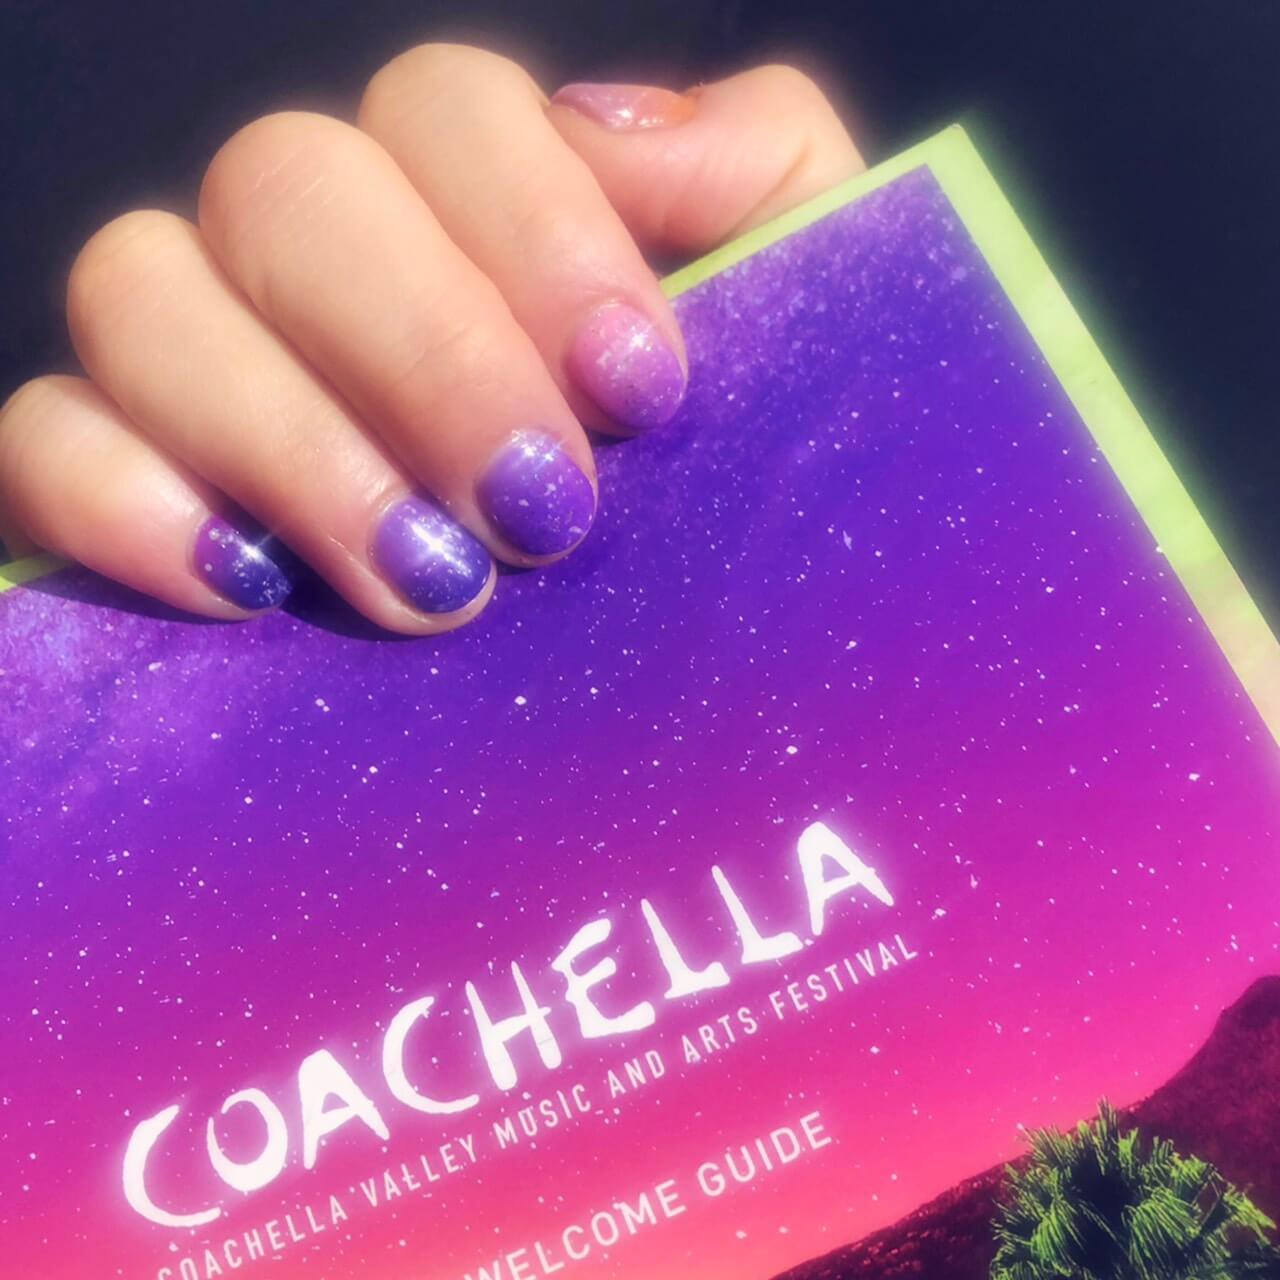 初めてのコーチェラ現地レポート|チケットの取り方から現地のオススメ情報まで music_coachella2019-report_4.jpg